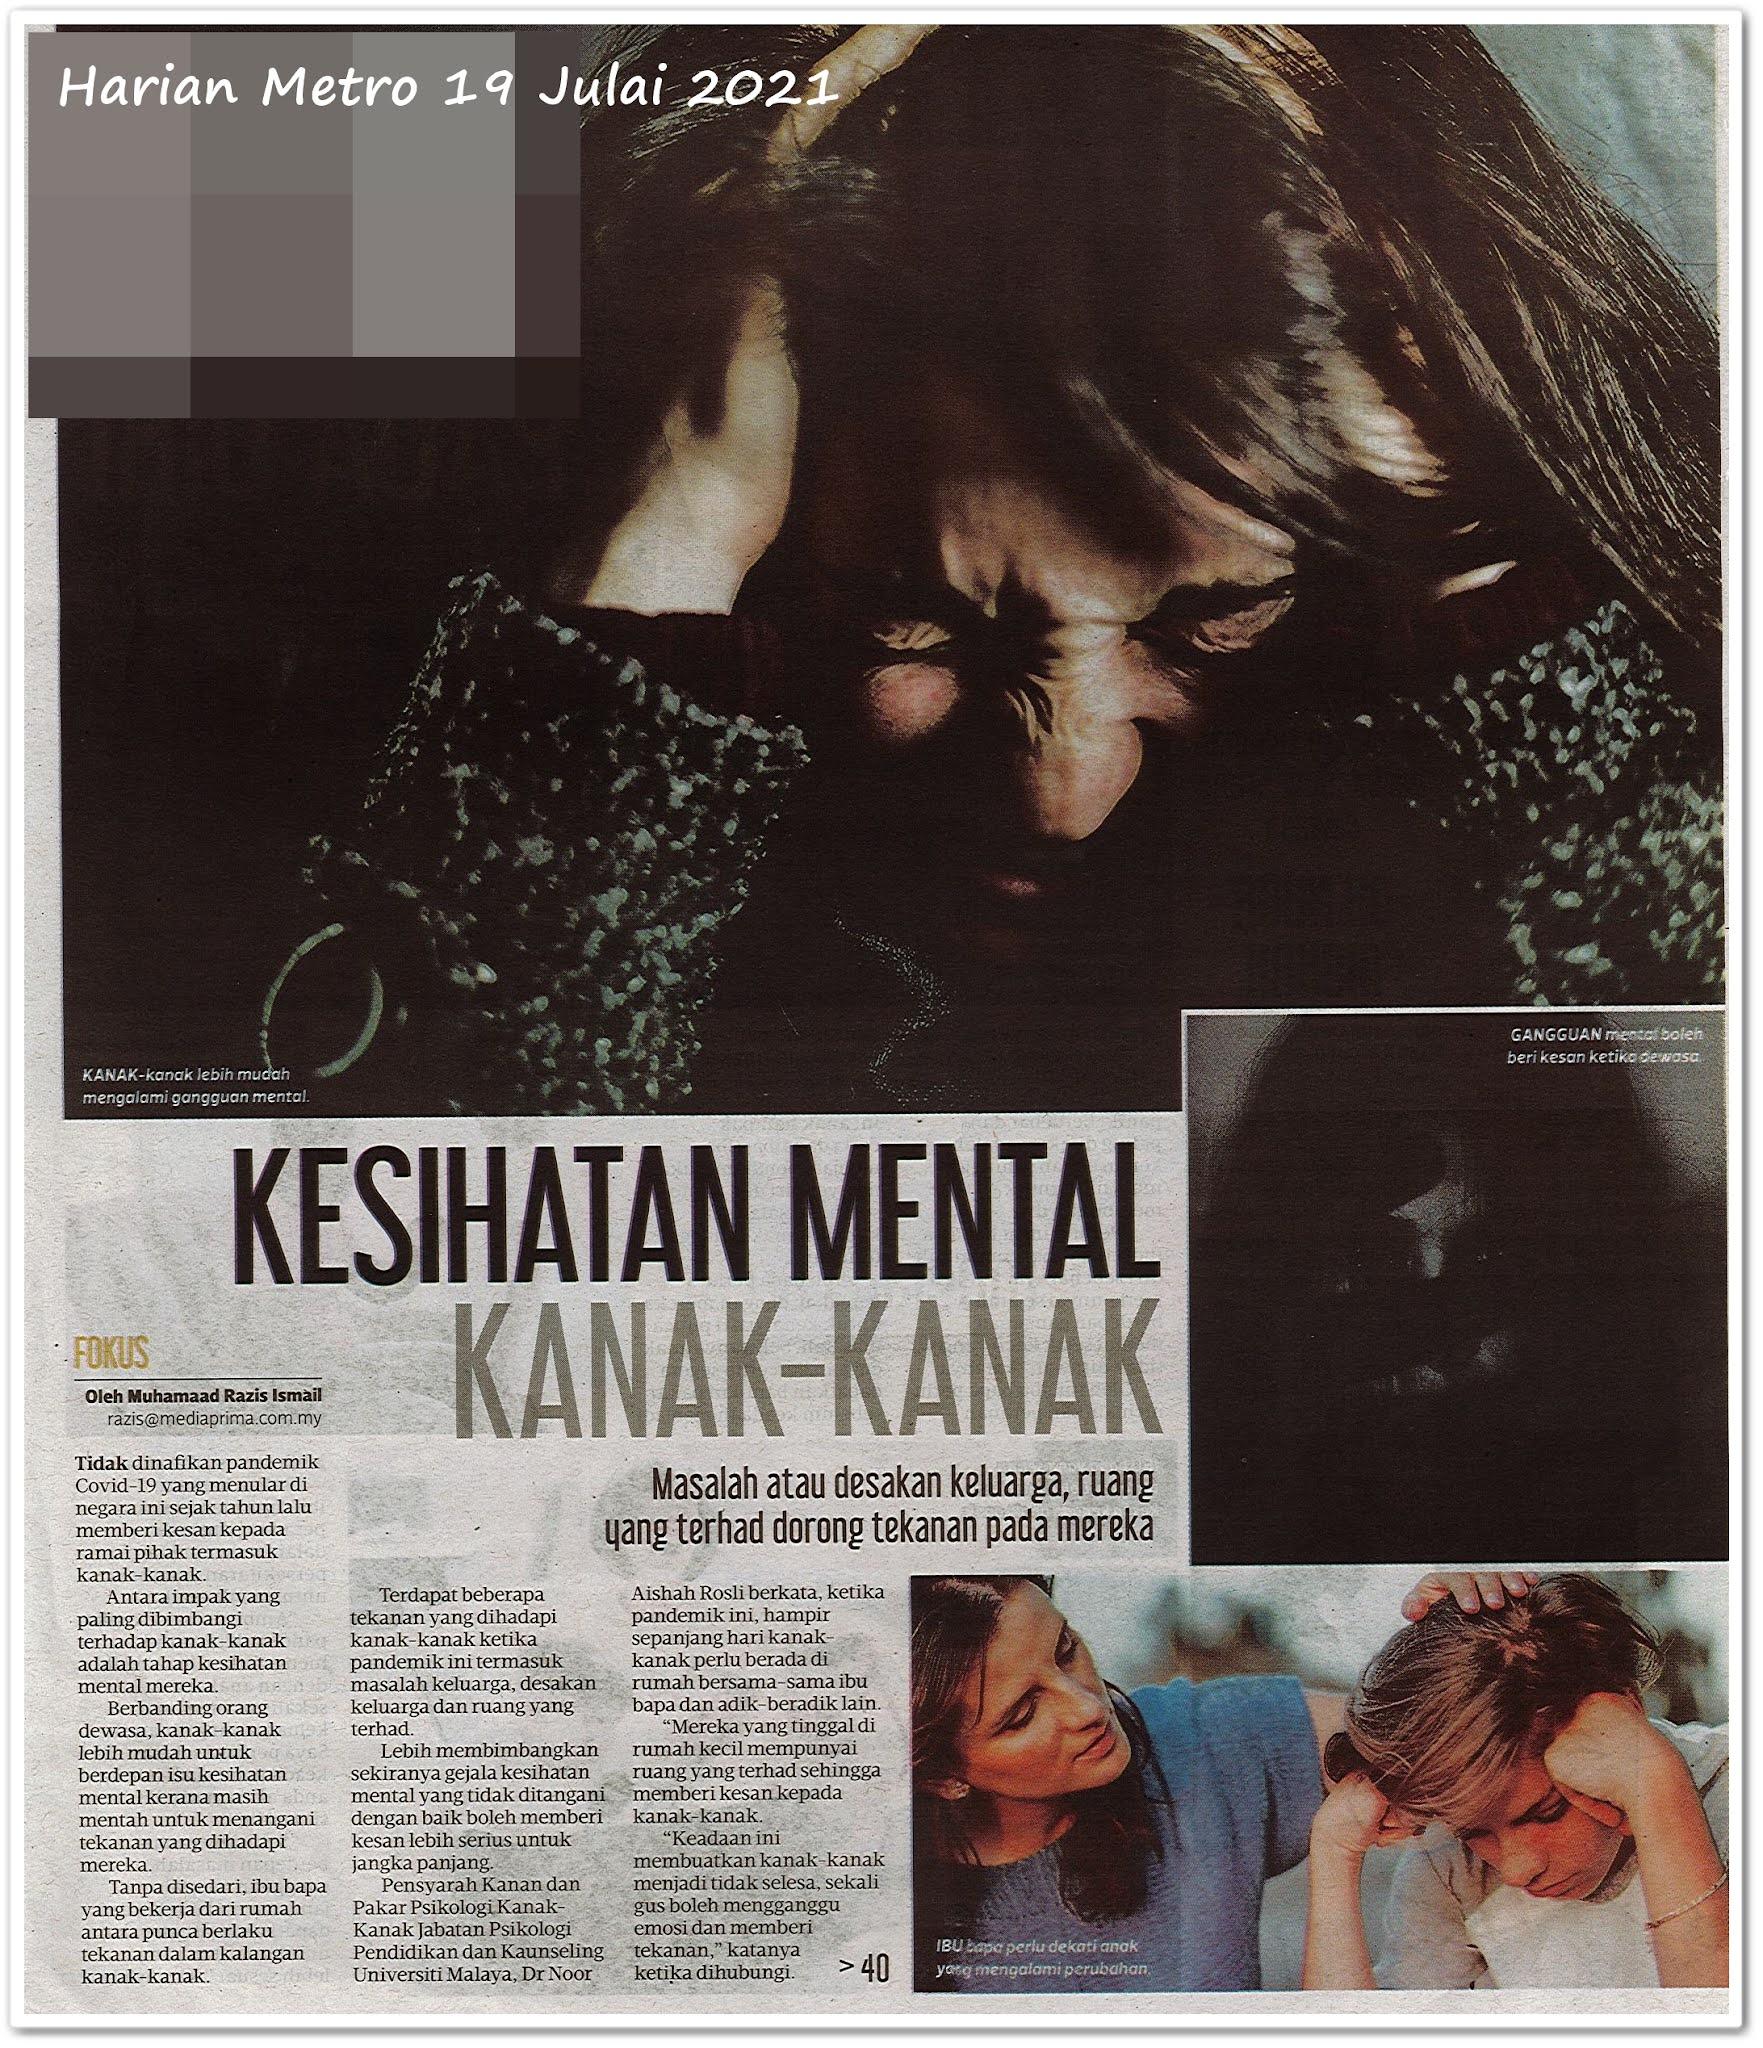 Kesihatan mental kanak-kanak - Keratan akhbar Harian Metro 19 Julai 2021